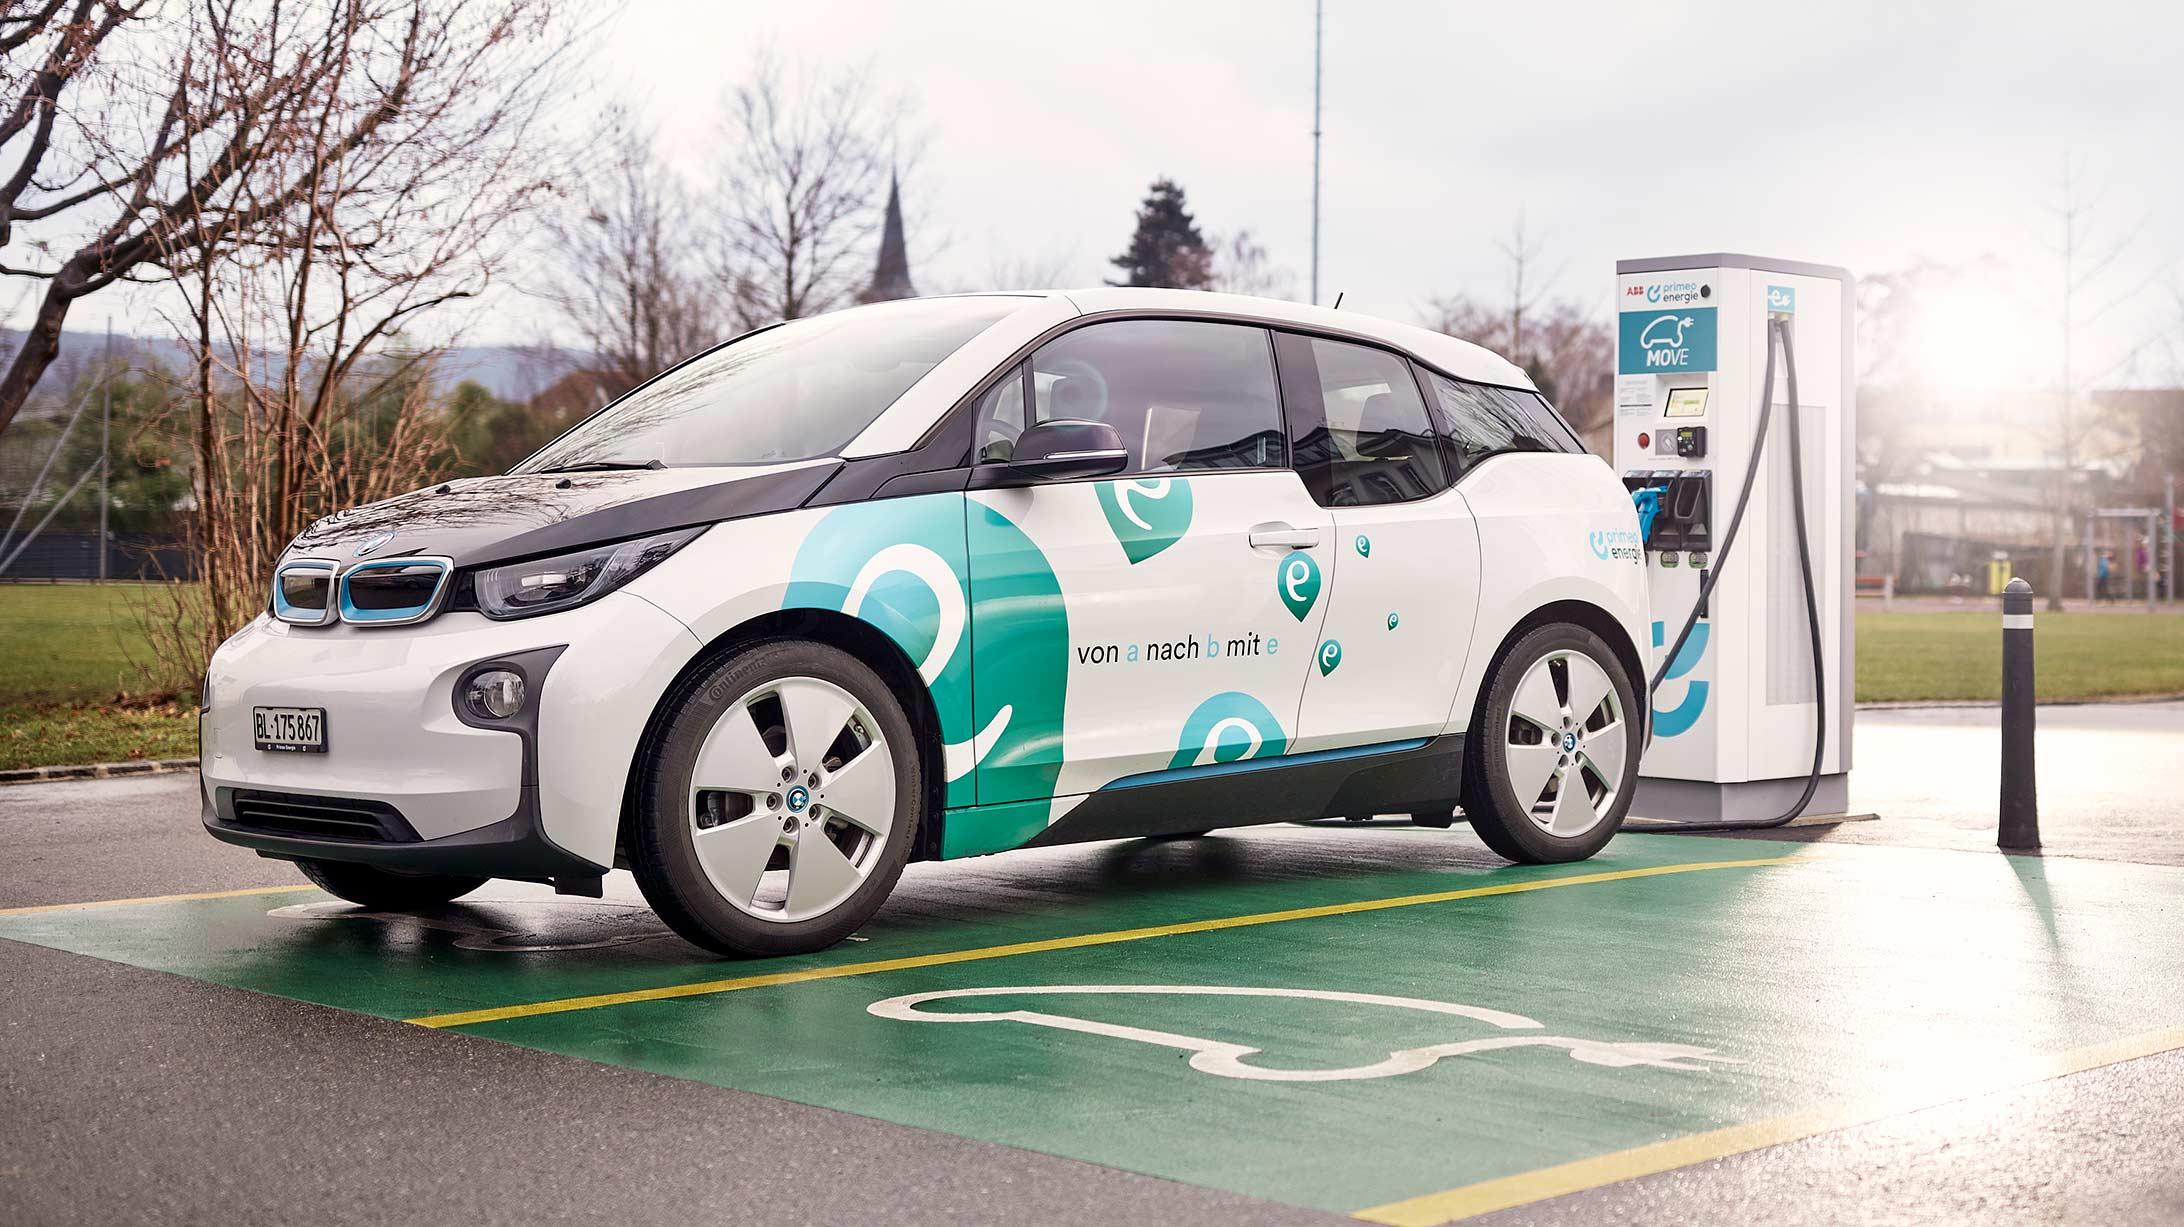 Ein Elektroauto der primeo energie wird an einer Ladestation geladen.